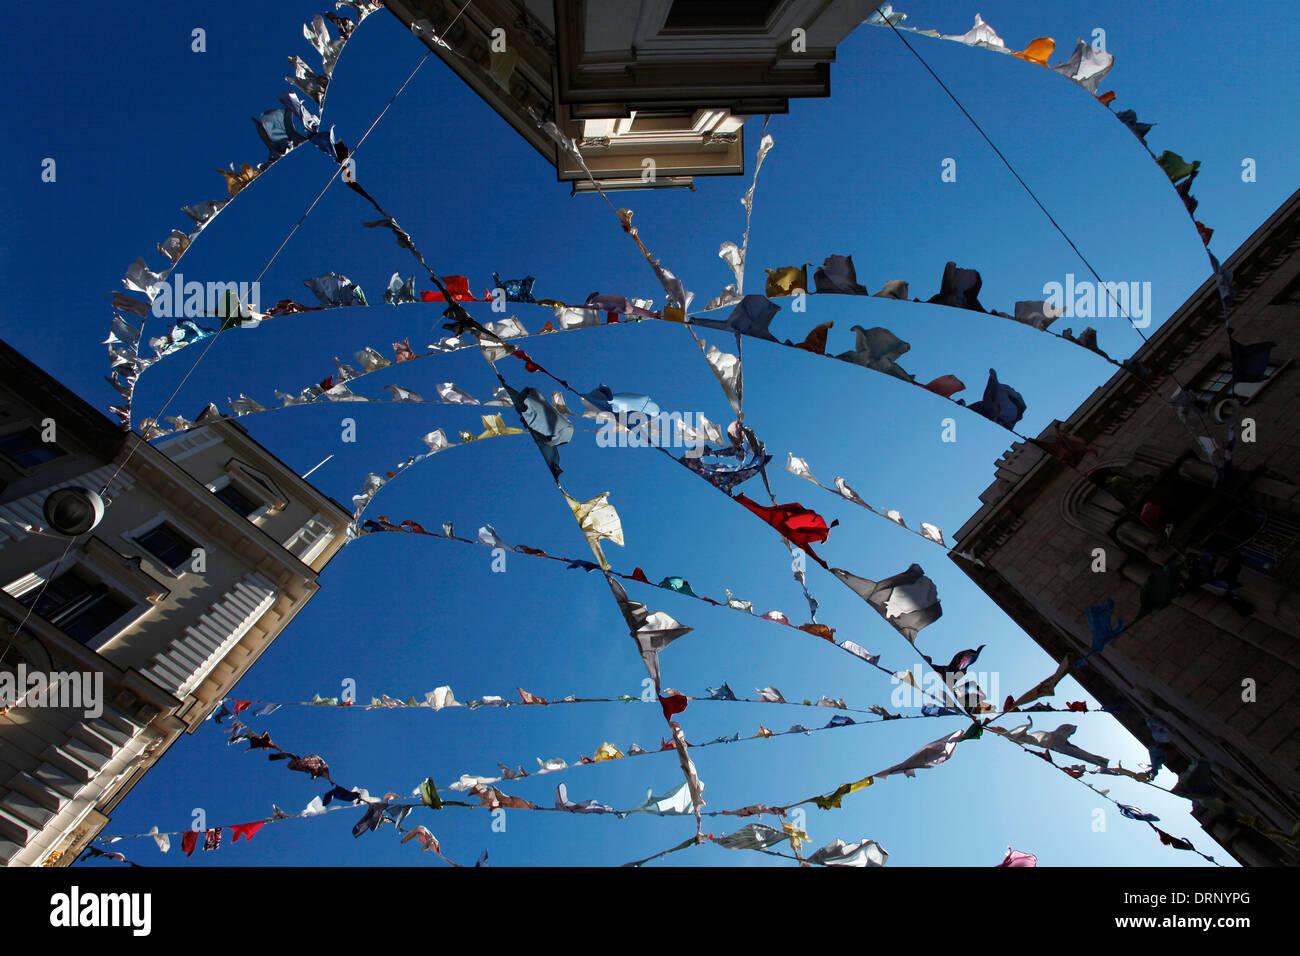 Wäscheleinen aufgehängt zwischen Gebäuden mit blauen Himmel im Hintergrund Stockbild